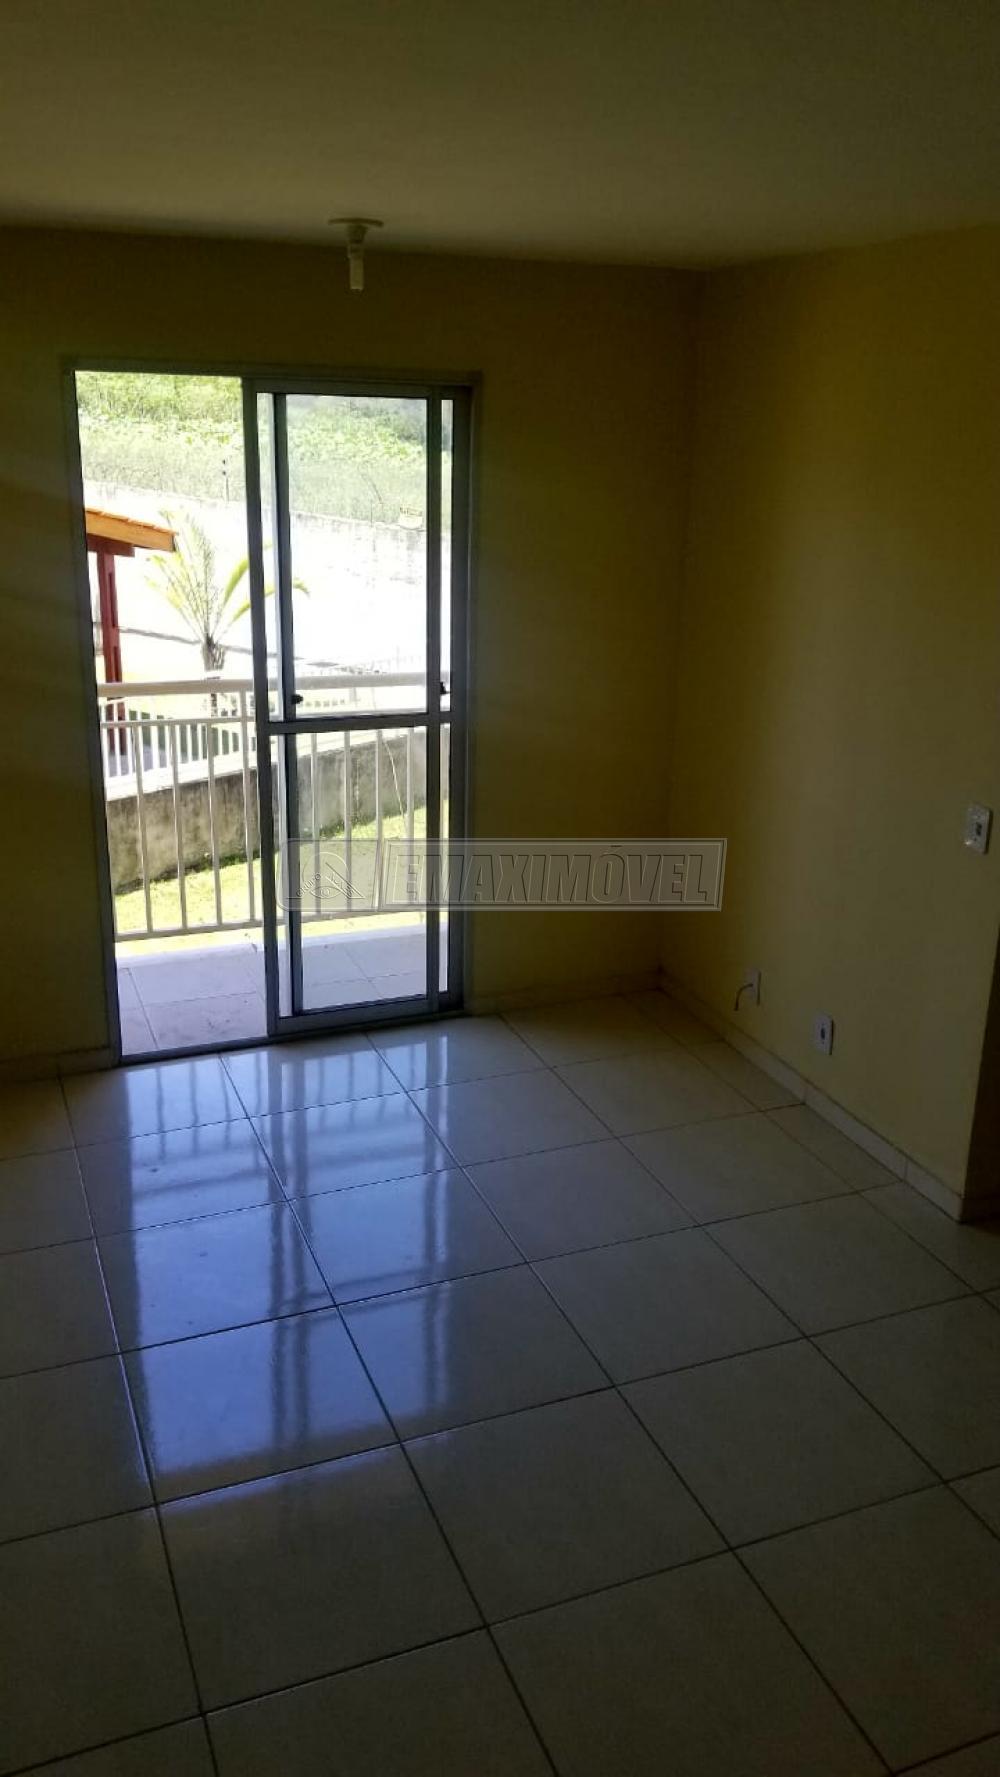 Alugar Apartamentos / Apto Padrão em Votorantim R$ 700,00 - Foto 4